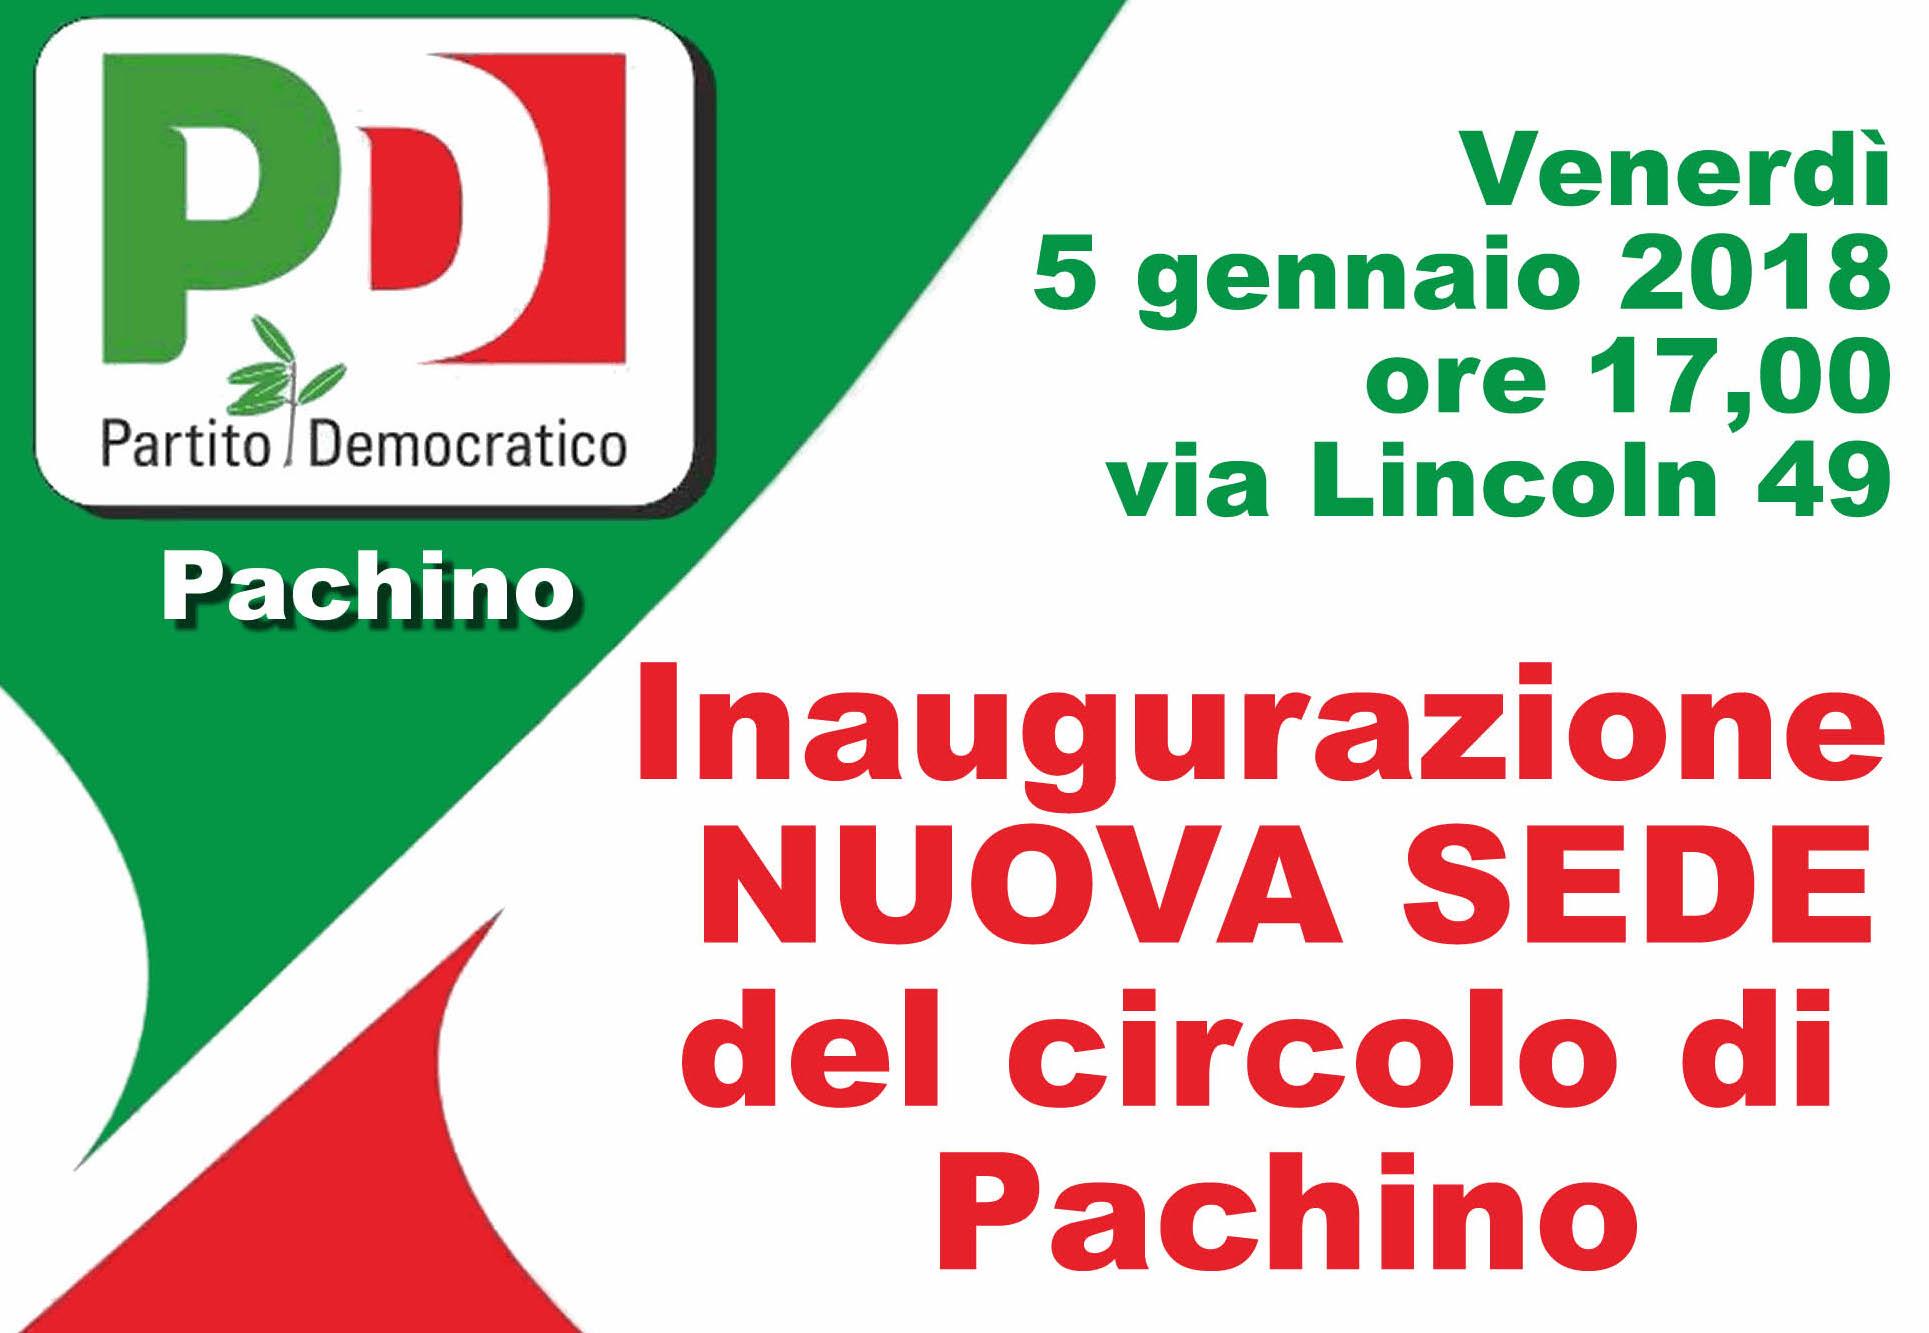 PD, venerdì l'inaugurazione della nuova sede del circolo di Pachino